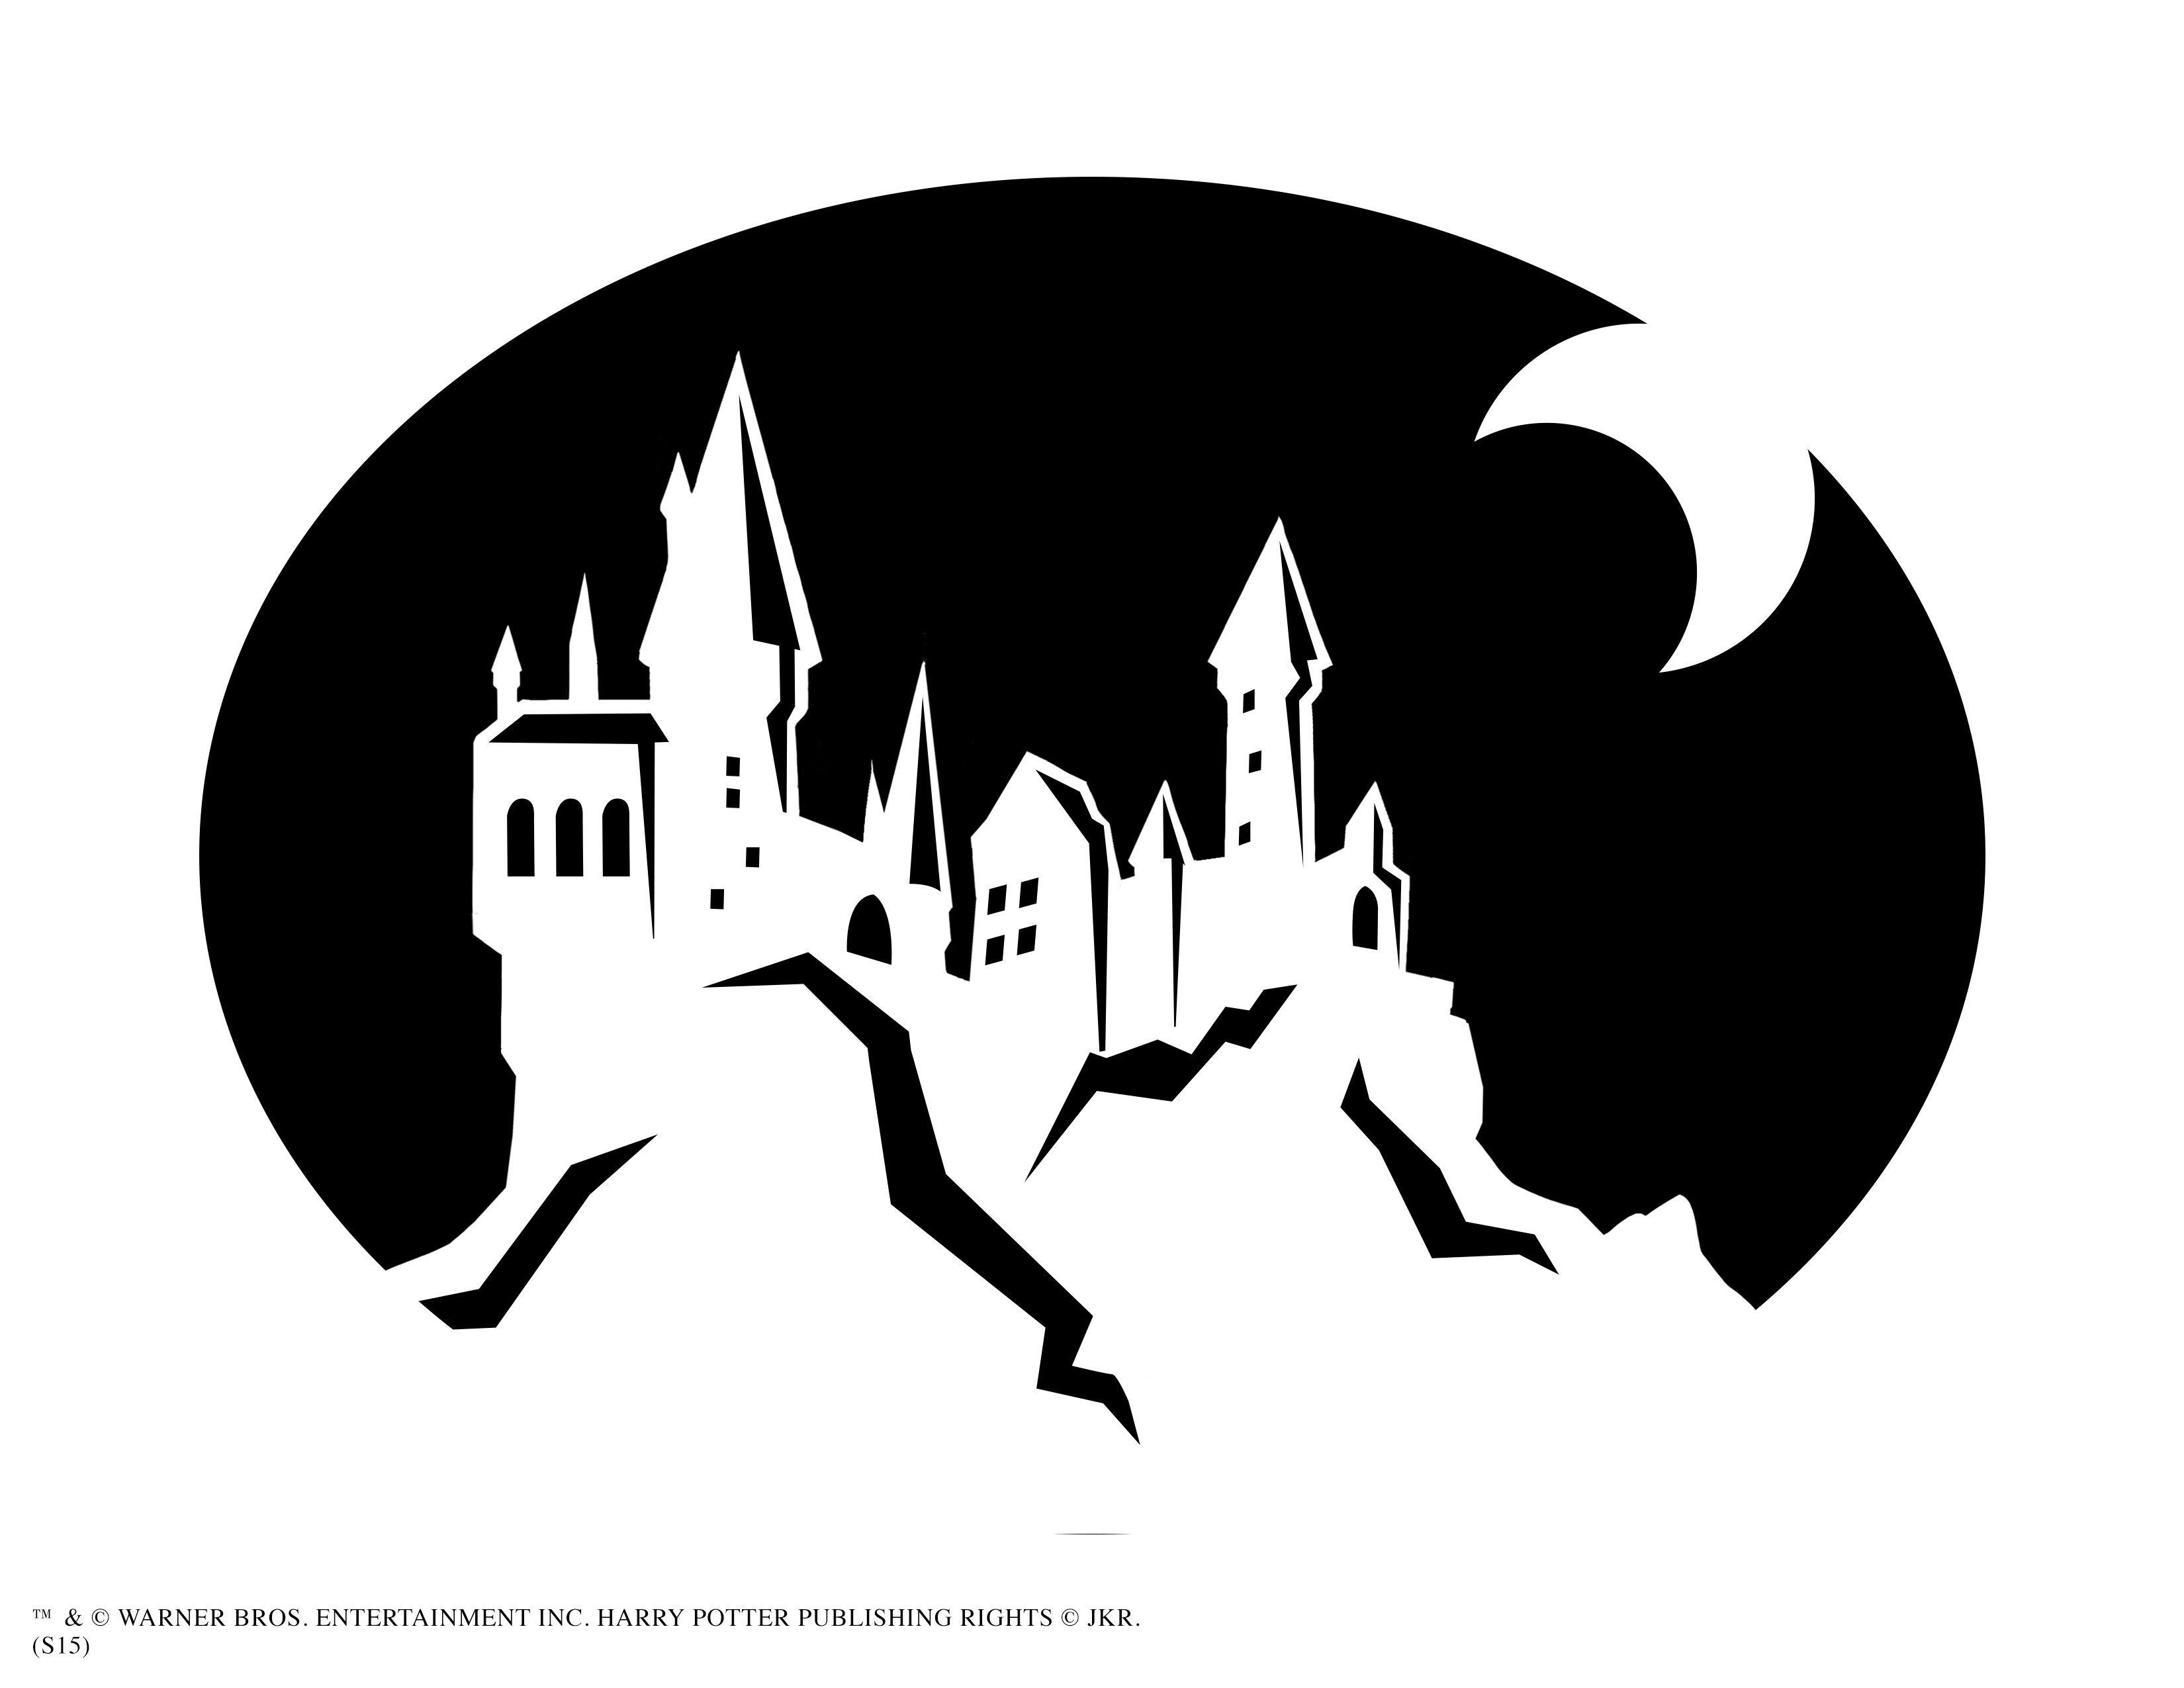 Harry Potter Hogwarts Castle Pumpkin Carving Stencil For Halloween Harry Potter Pumpkin Harry Potter Pumpkin Carving Pumpkin Carvings Stencils